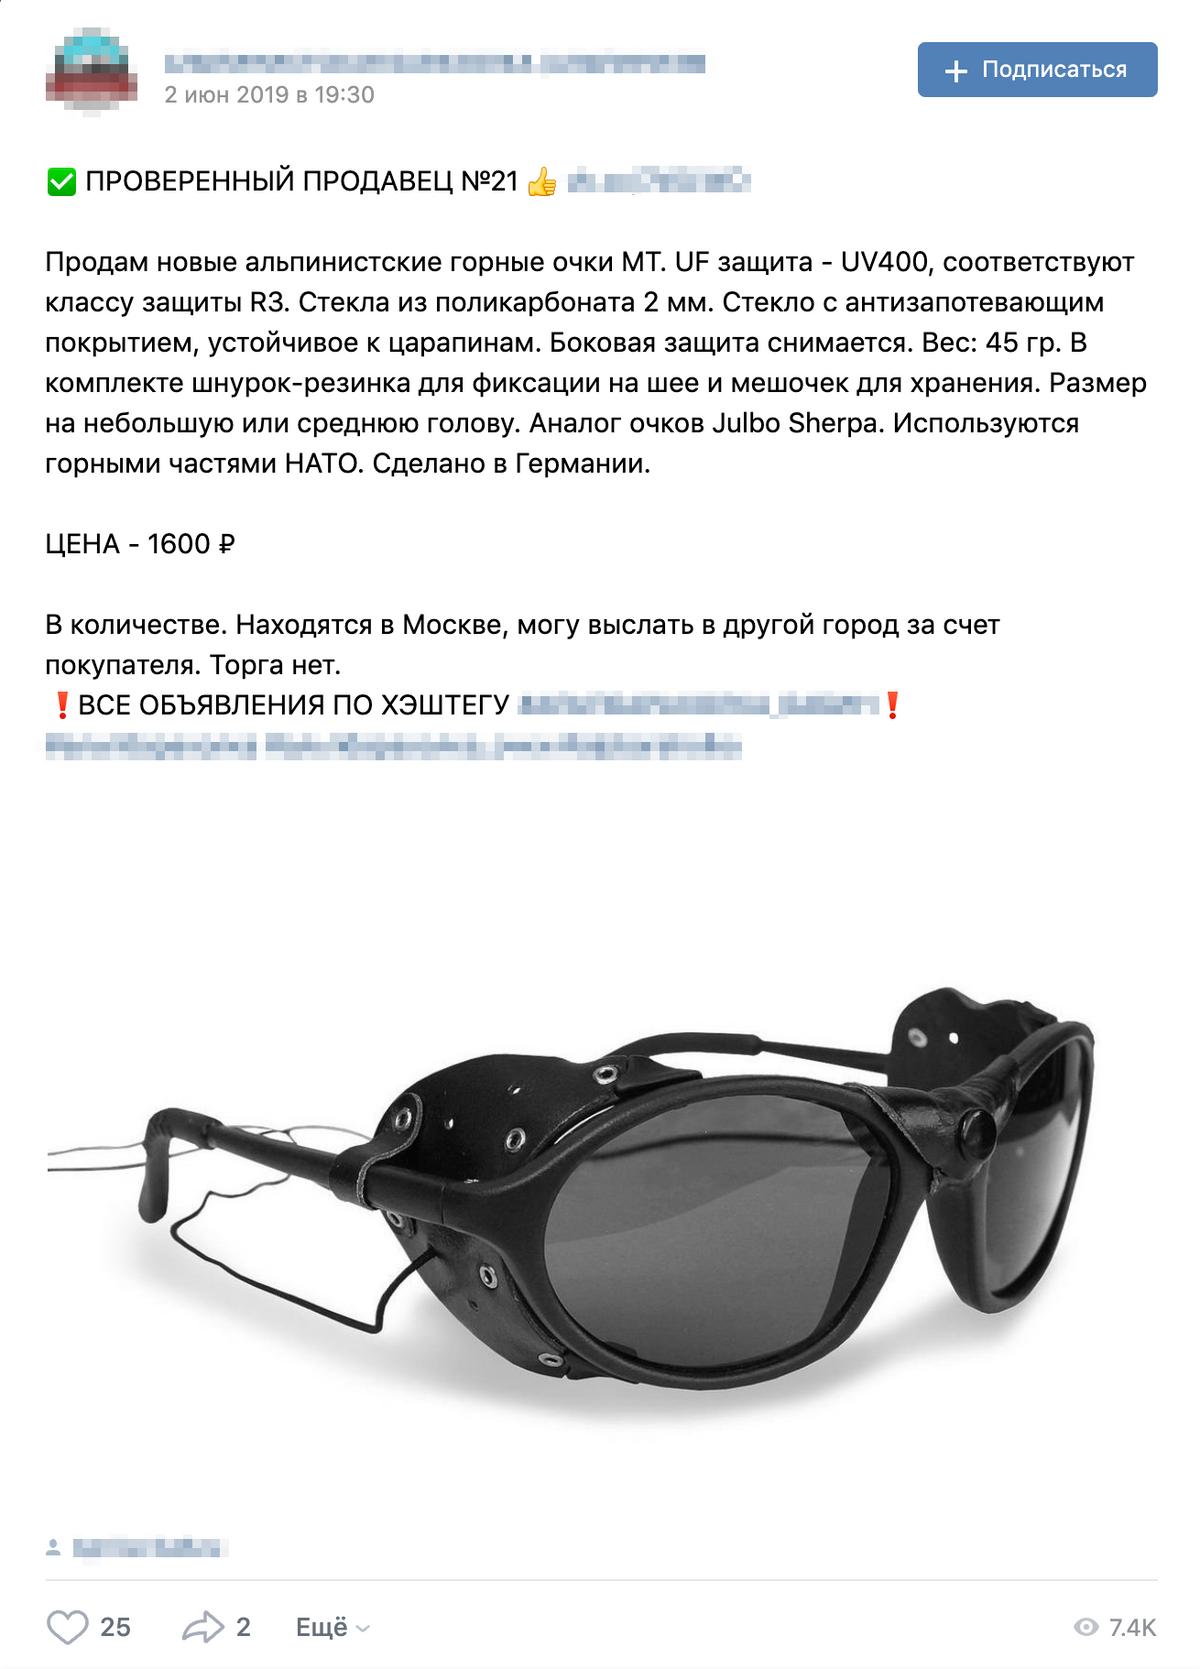 По характеристикам очки вроде хороши, но ябы сначала померила их в магазине, а потом заказала в интернете